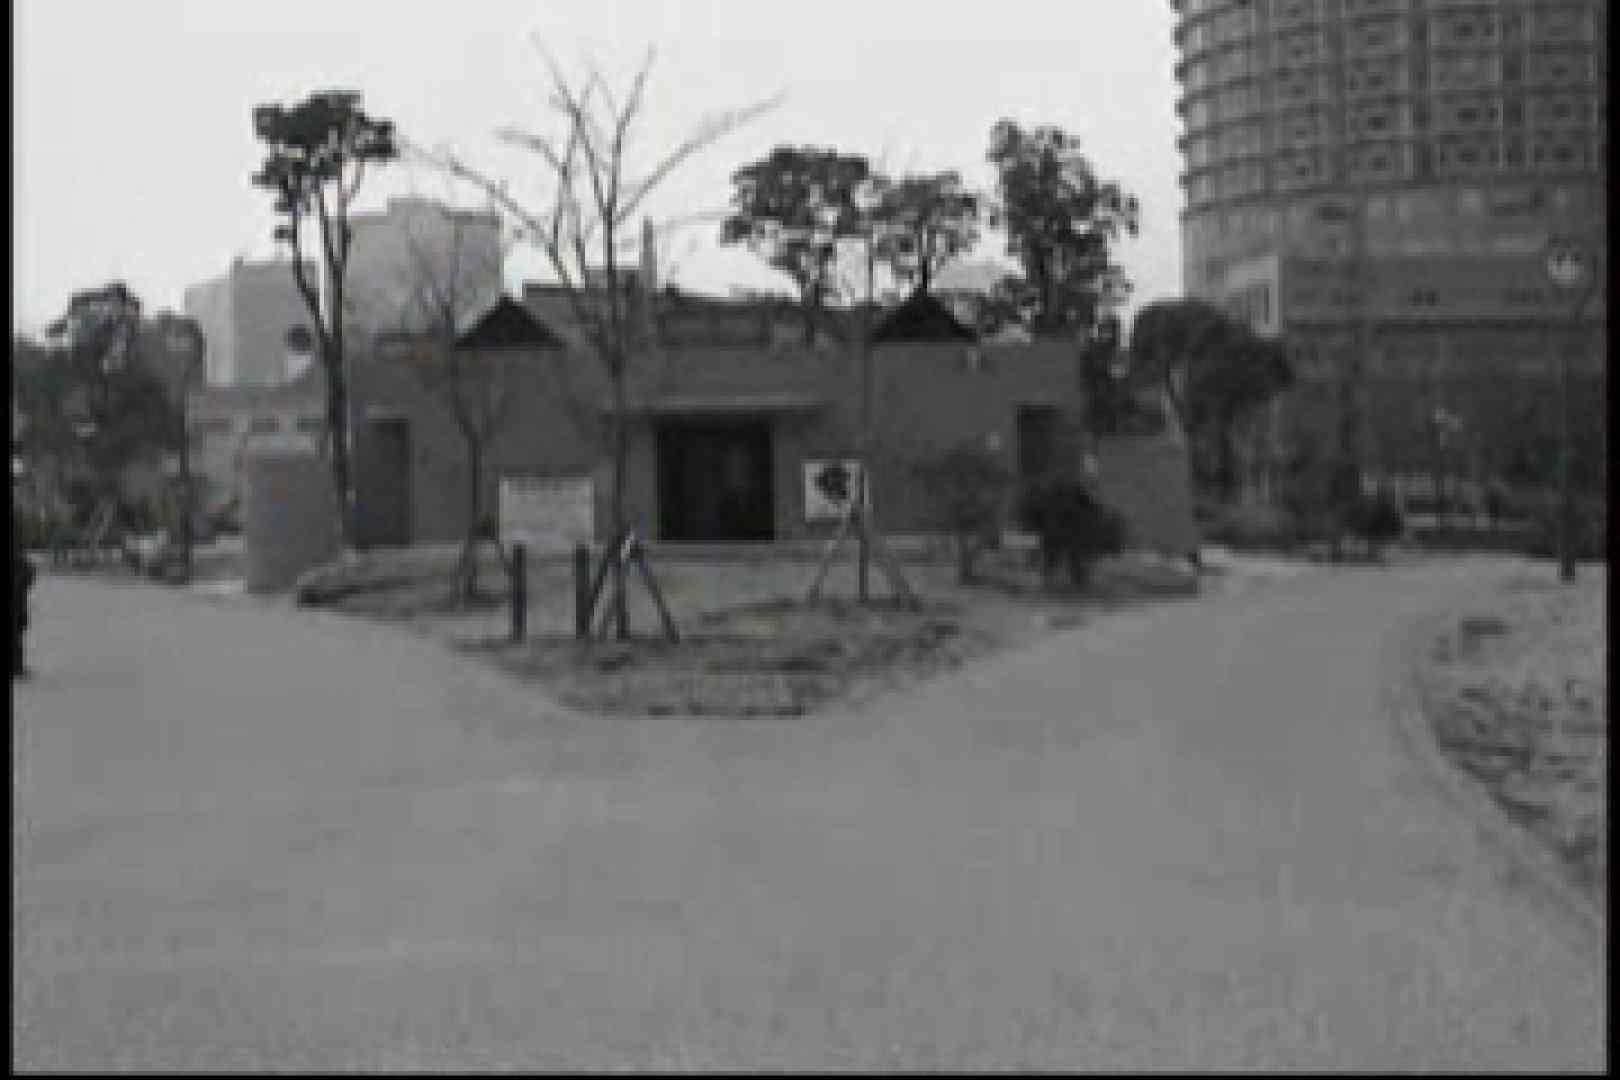 ガテン系男盛り!vol.01 フェラシーン | 男の世界  73画像 23